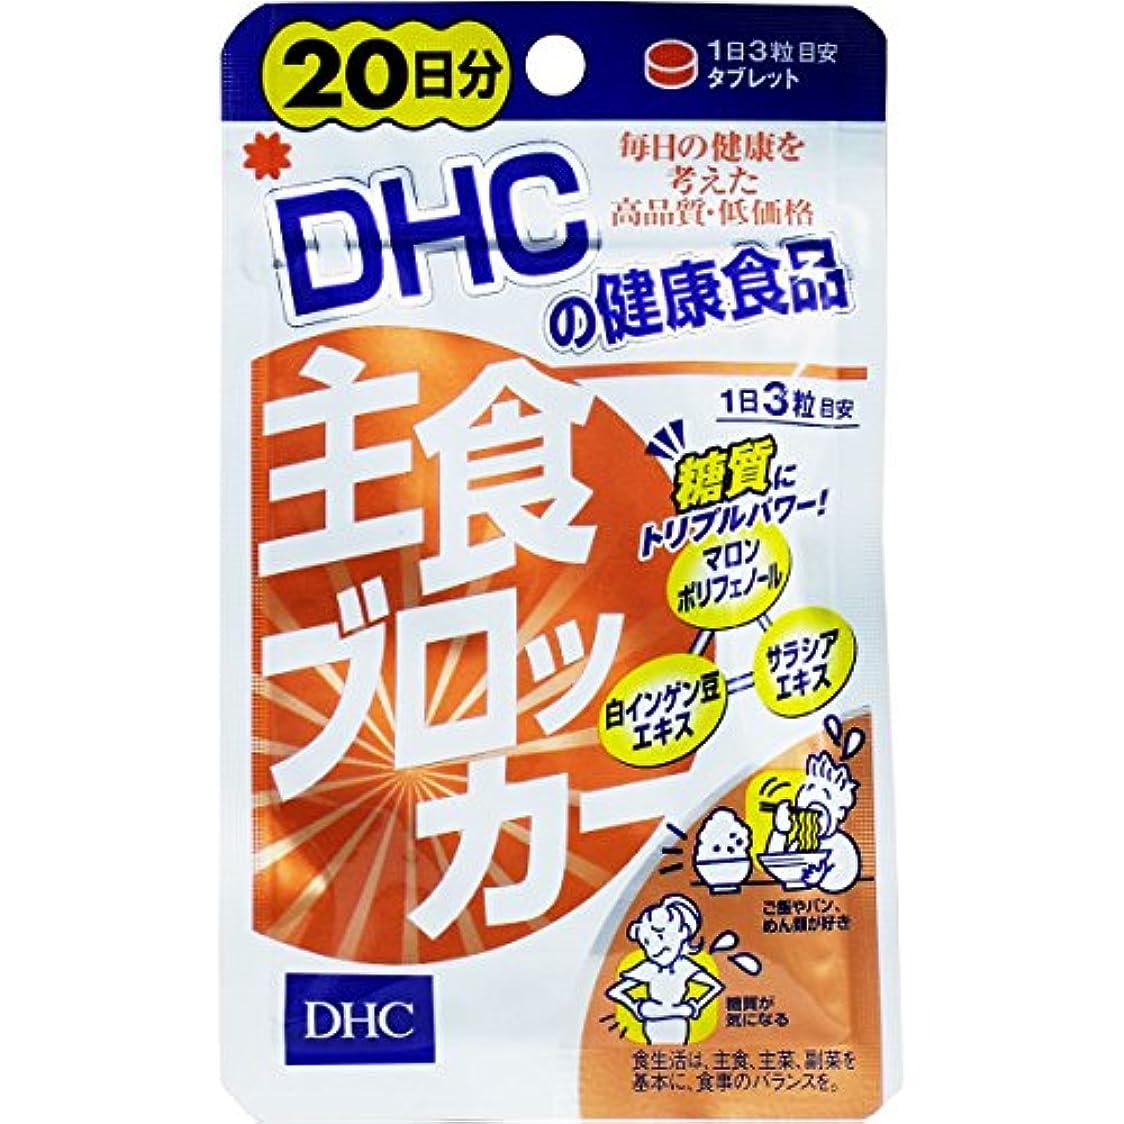 ホップ議題開示するサプリ 主食好きさんの、健康とダイエットに 話題の DHC 主食ブロッカー 20日分 60粒入